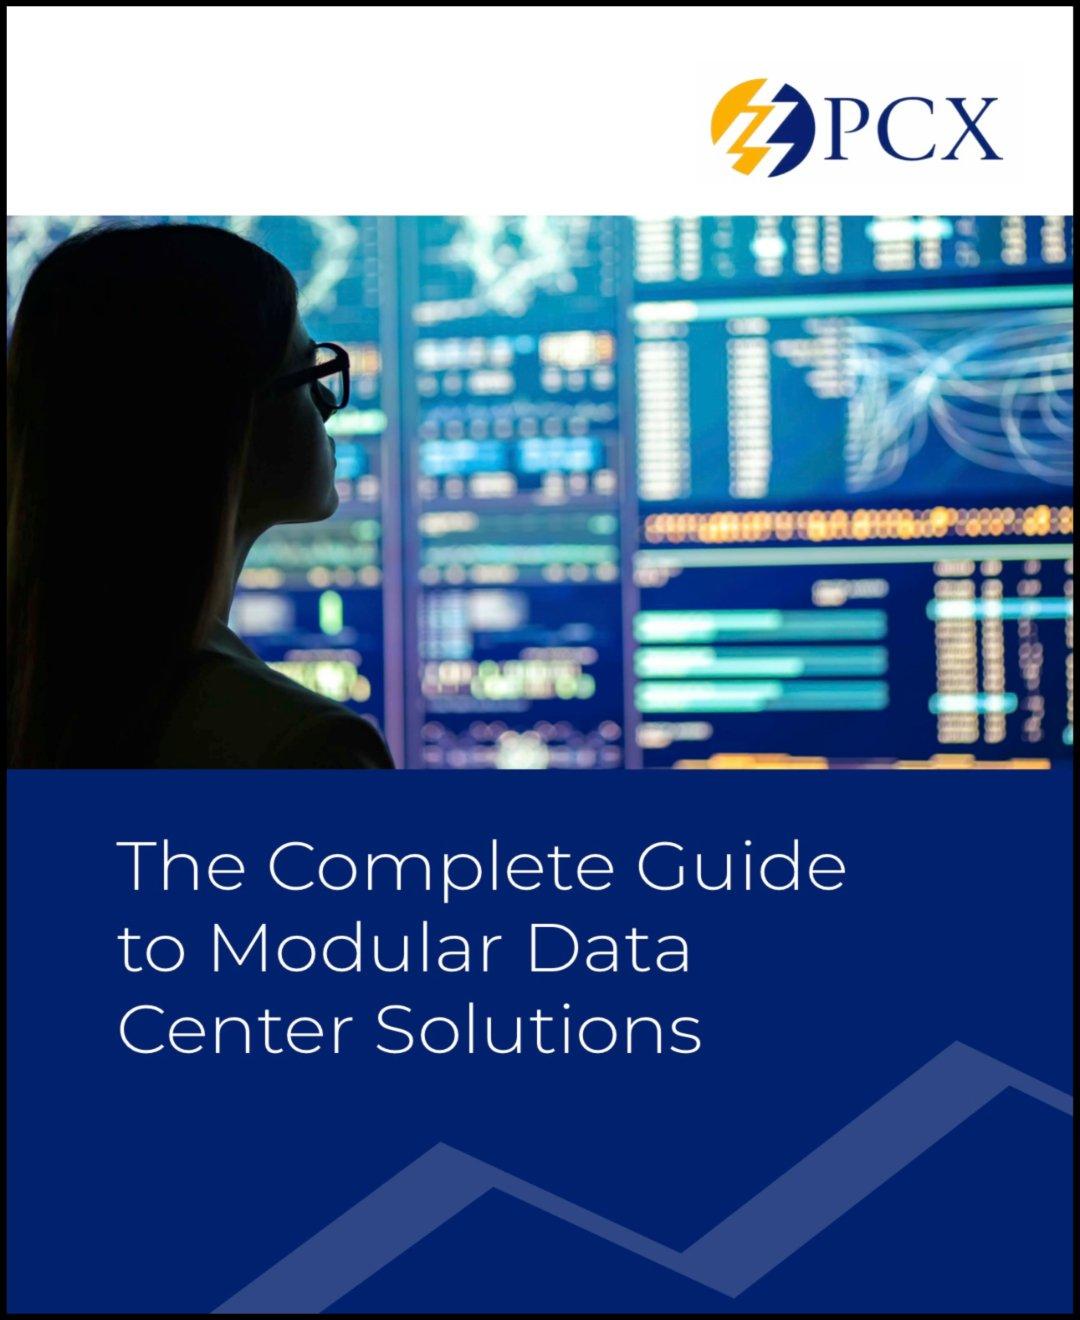 Modular Data Center Solutions